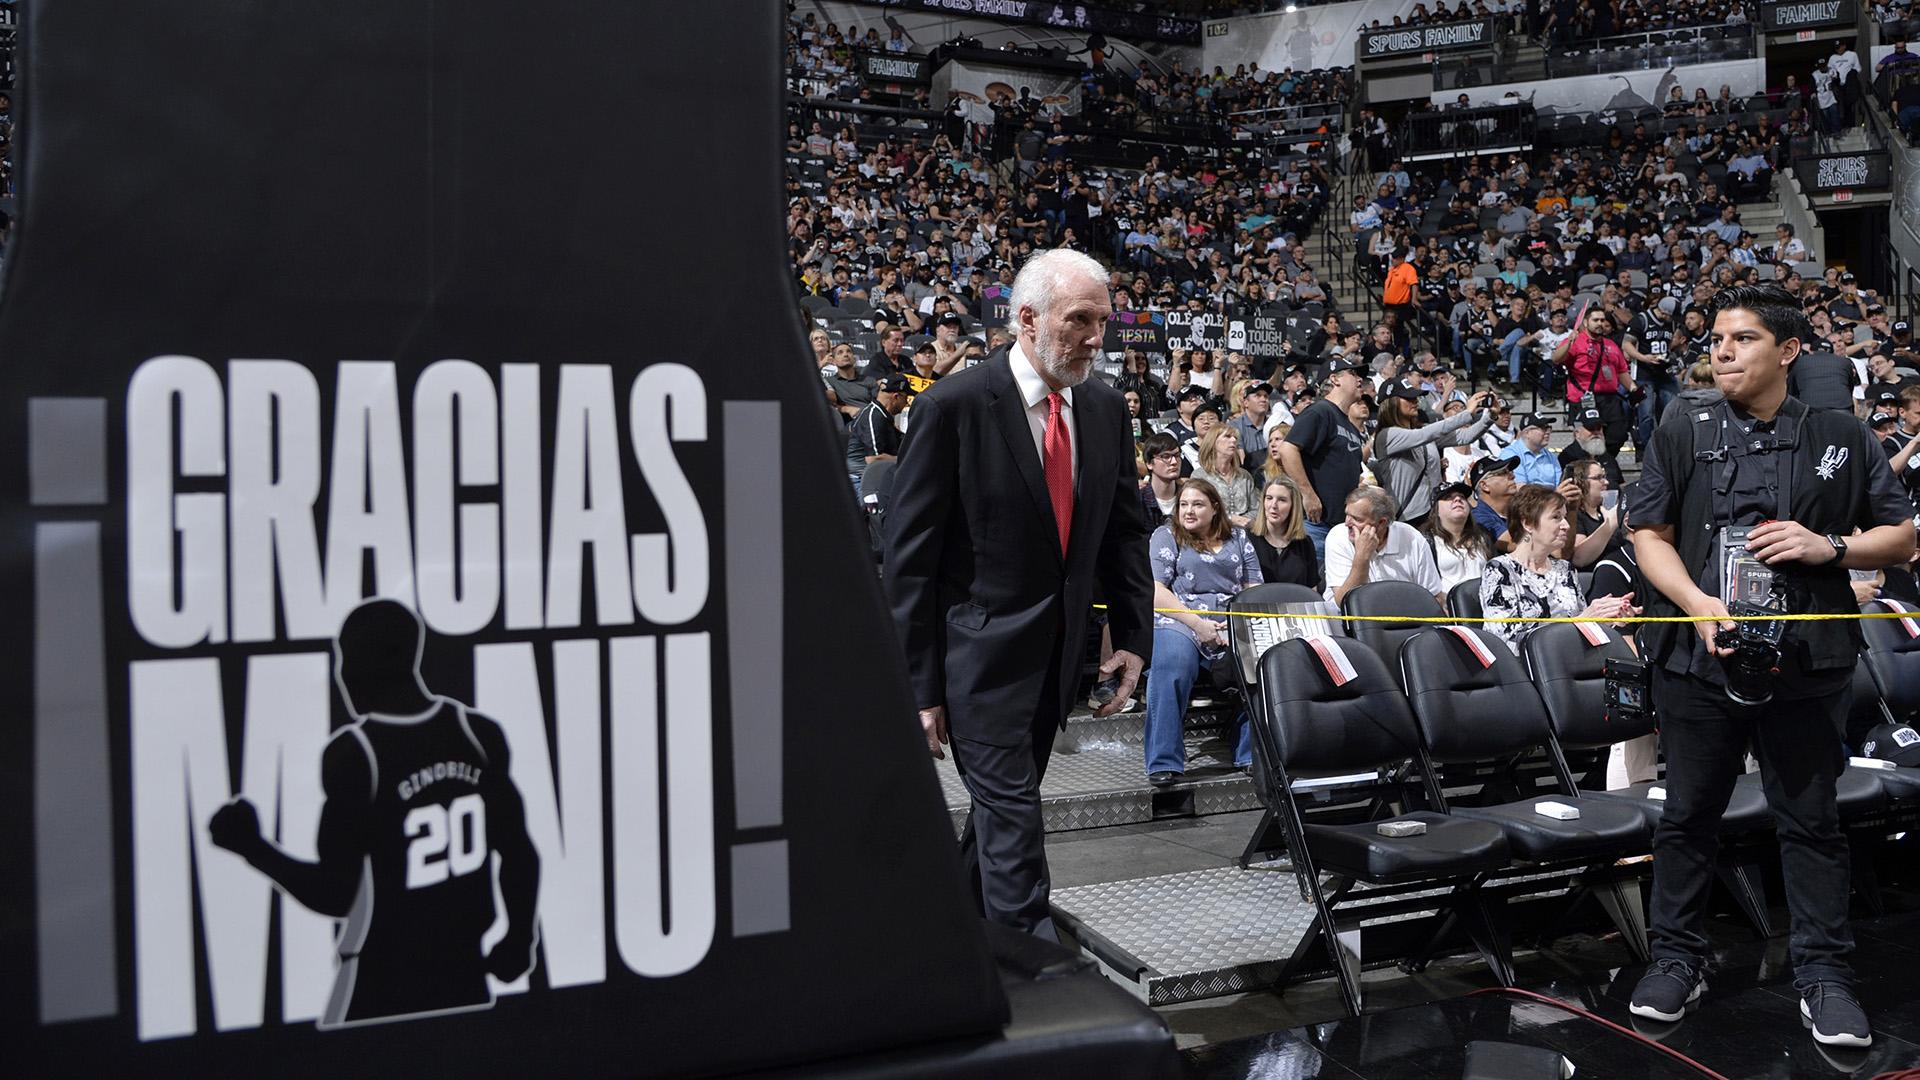 El entrenador en jefe Gregg Popovich de los San Antonio Spurs ingresa a la cancha antes del juego contra los Cleveland Cavaliers en el AT&T Center en San Antonio